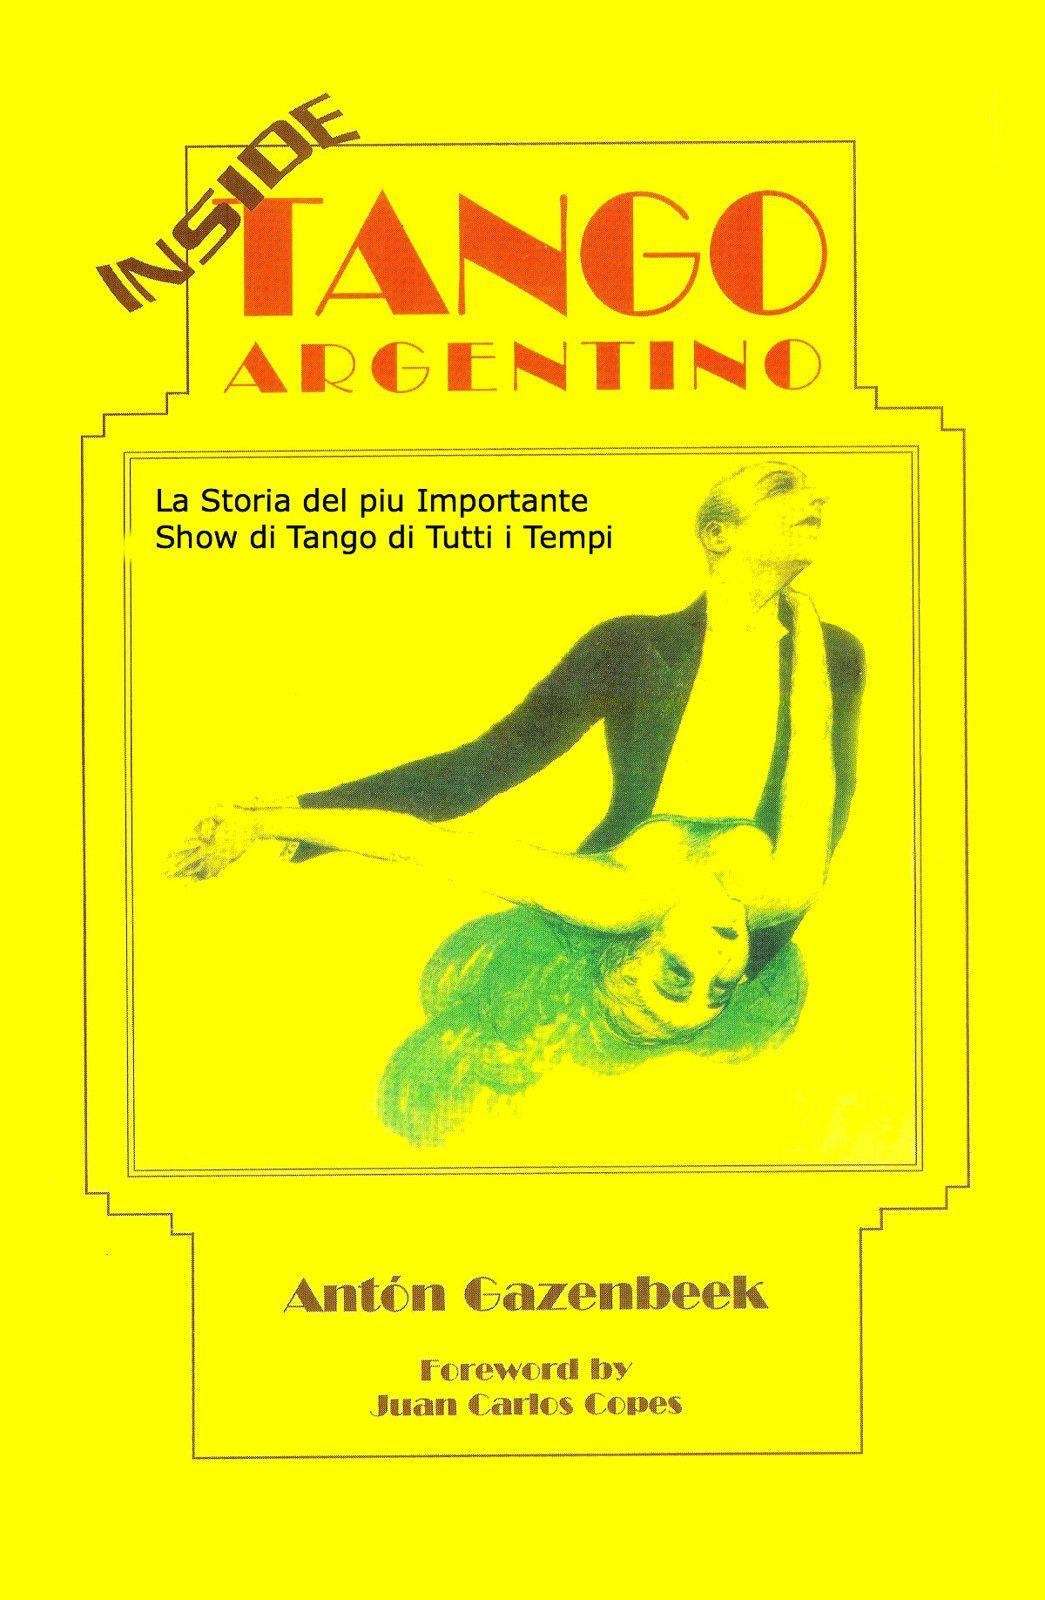 Dentro Tango Argentino - PDF